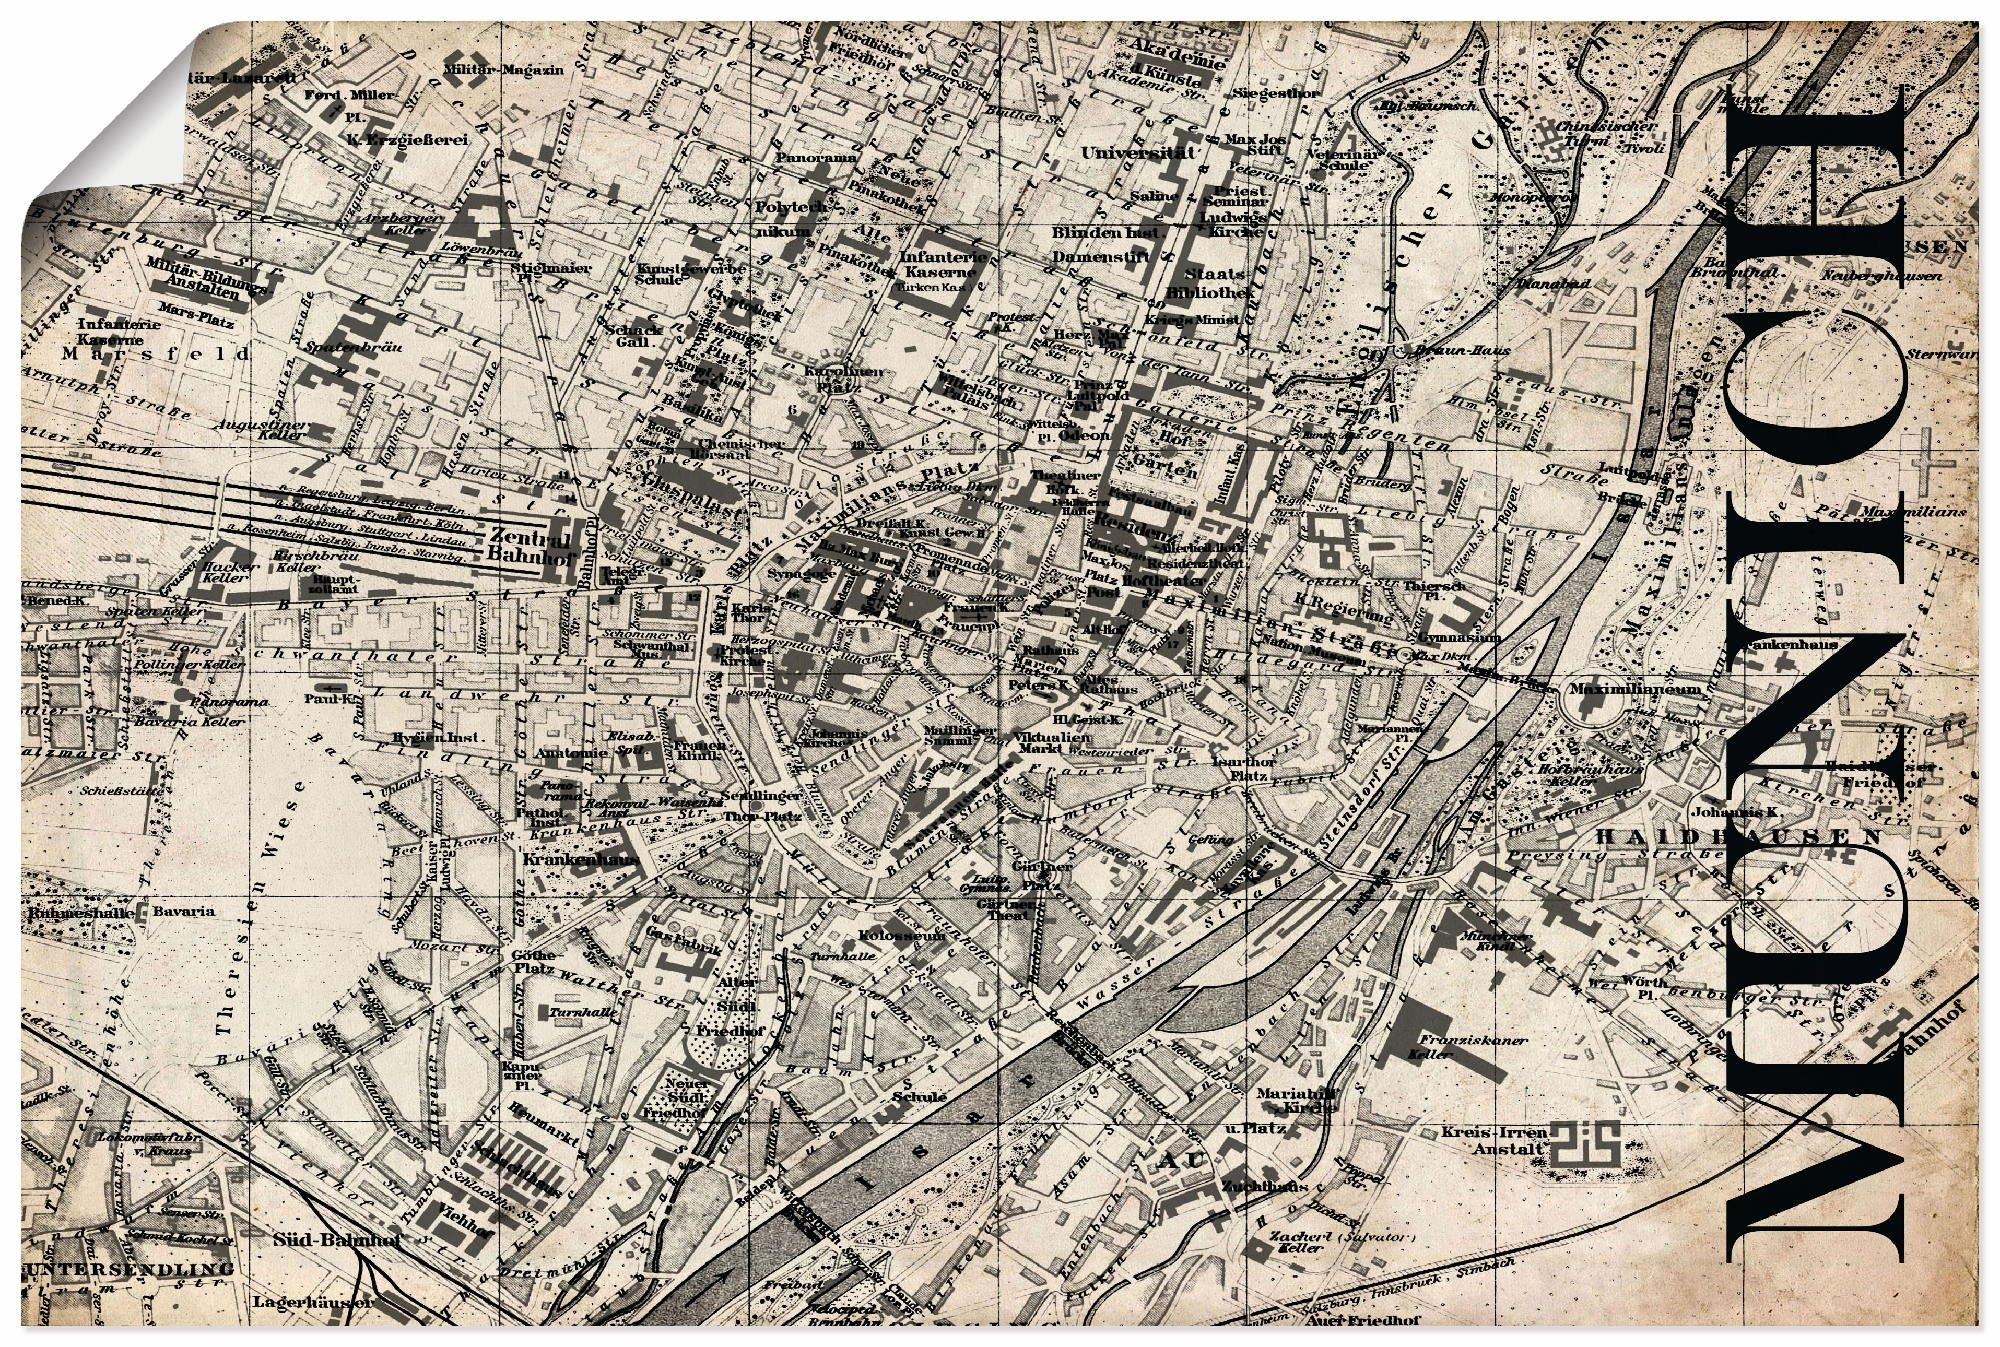 Artland artprint »München Karte Straßen Karte Grunge« nu online bestellen